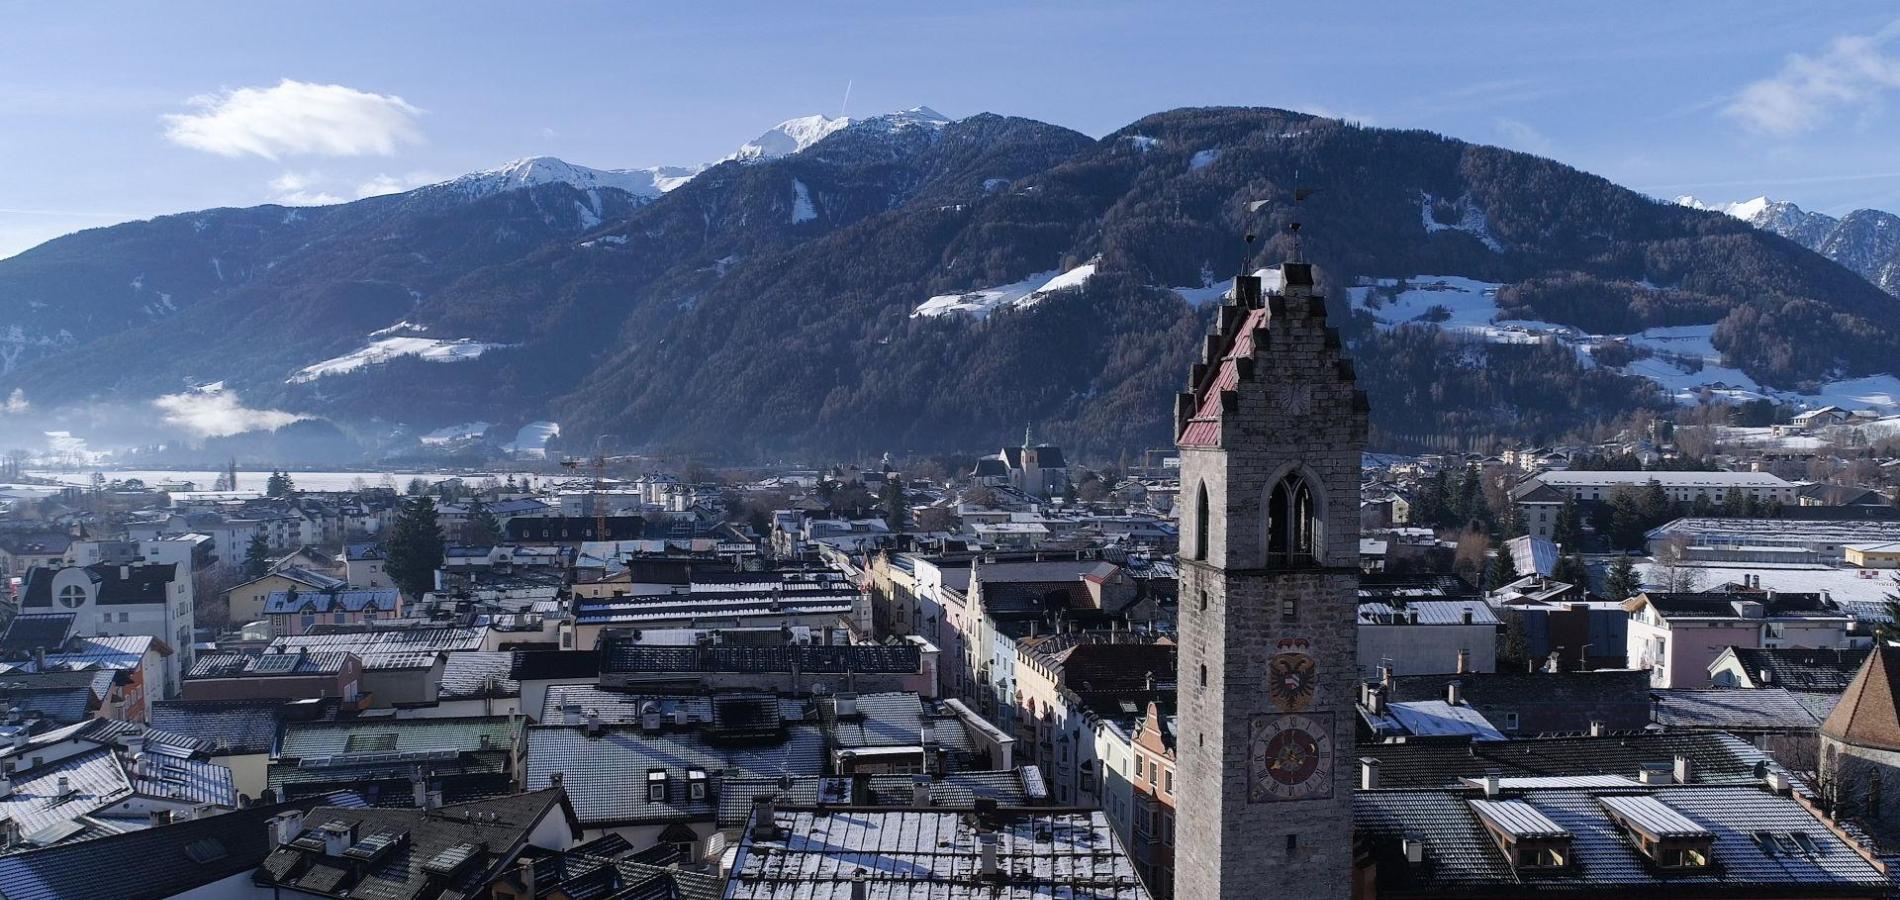 Urlaub Sterzing Eisacktal Südtirol Italien